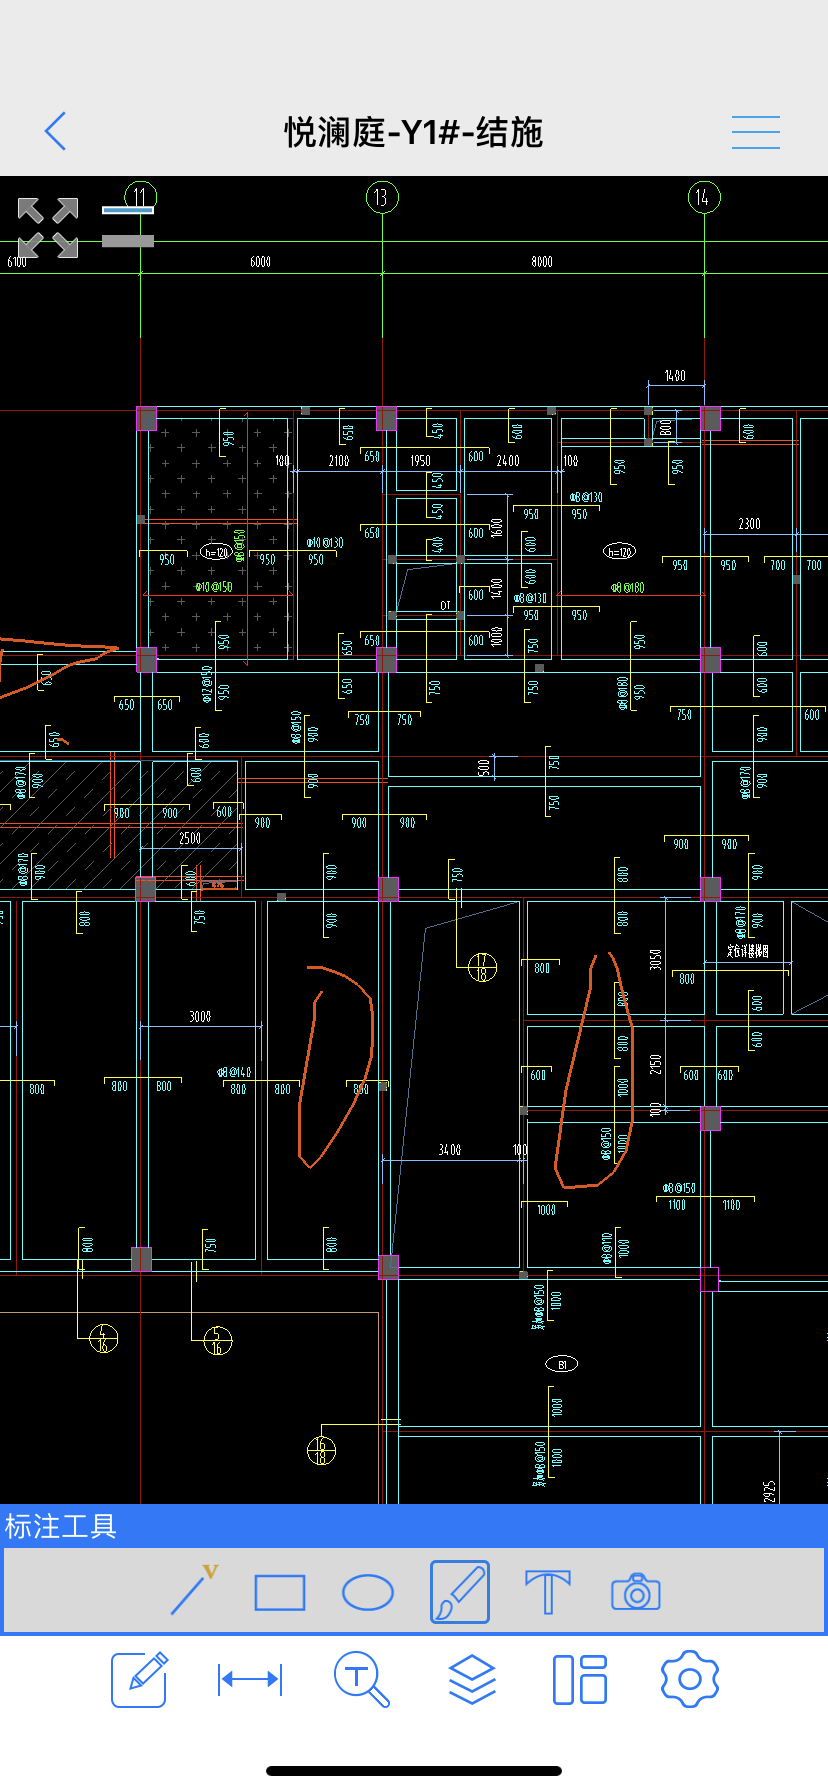 土建,安徽,答疑:画圈的几块块板中间隔了一个楼梯,板底筋能不能用多板进行绘制-安徽土建,